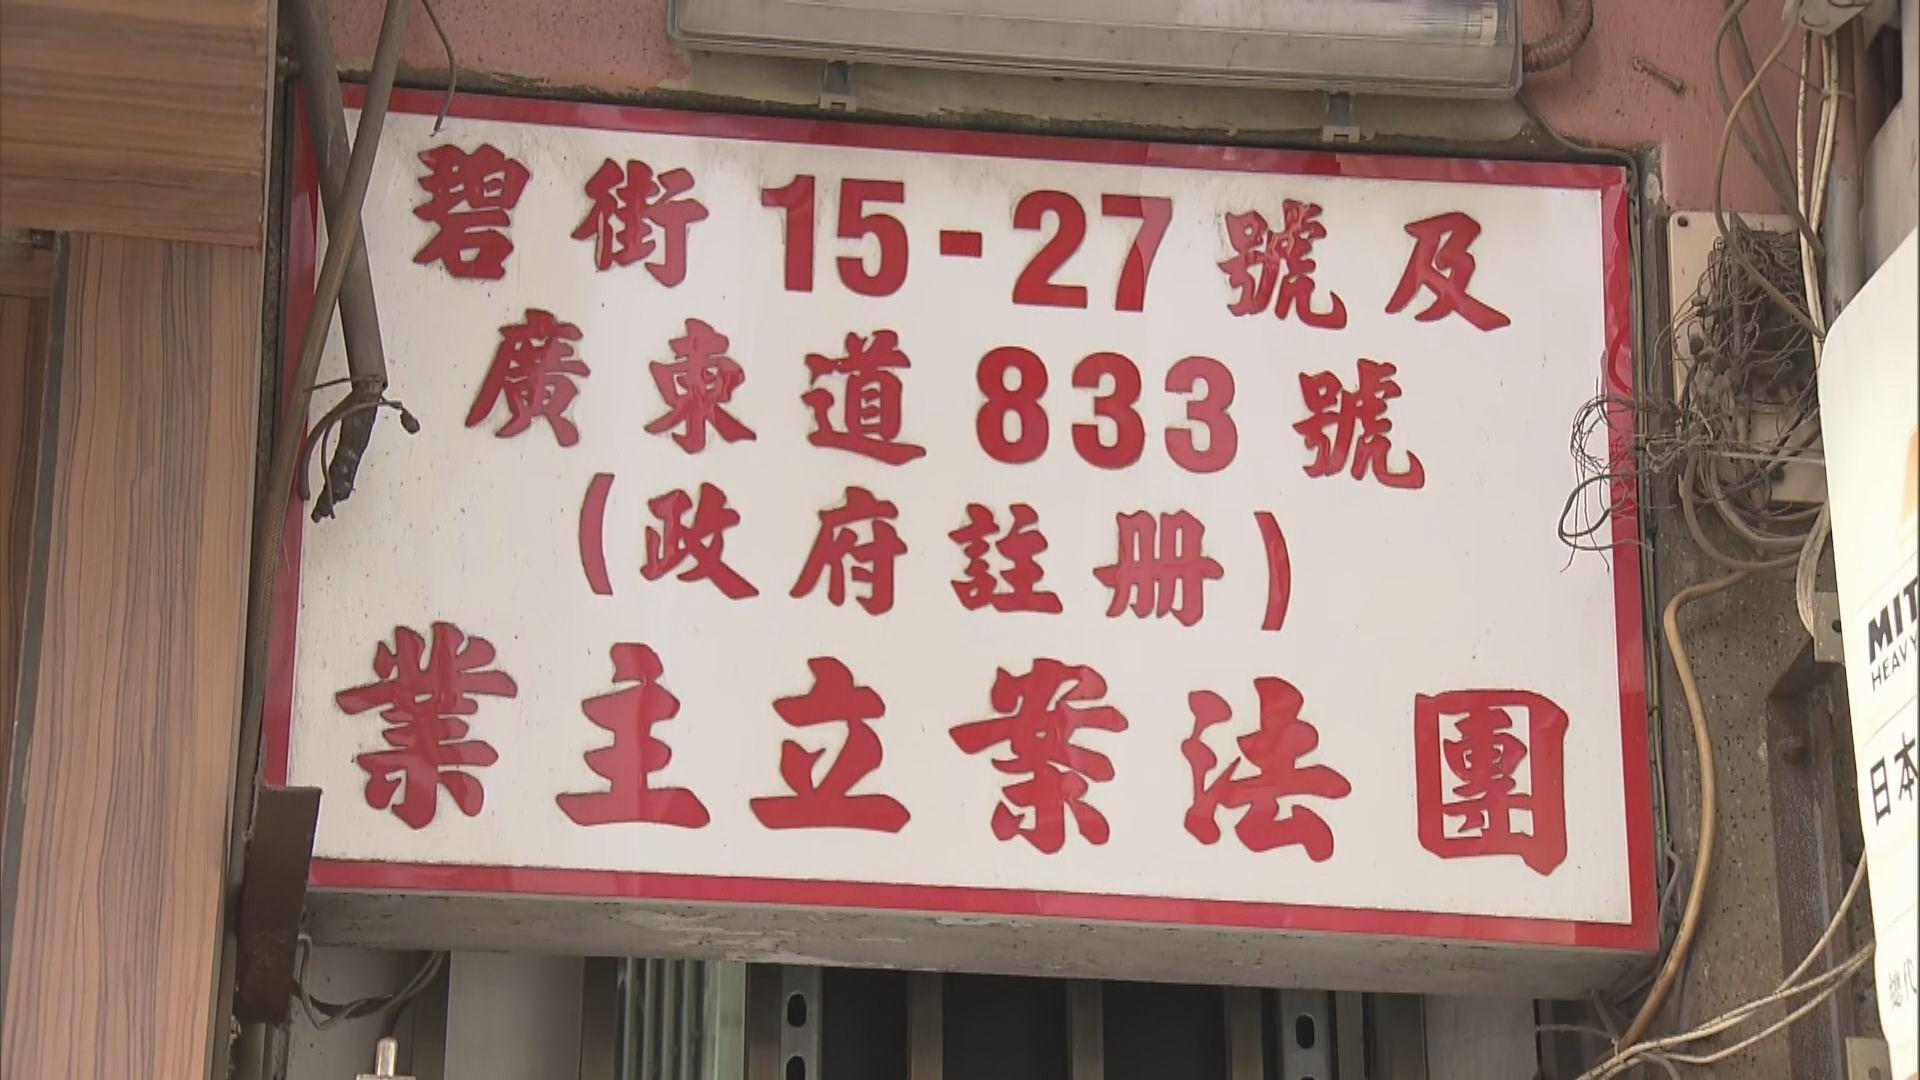 碧街15至27A及峰華邨曉峰樓住戶須強制檢測